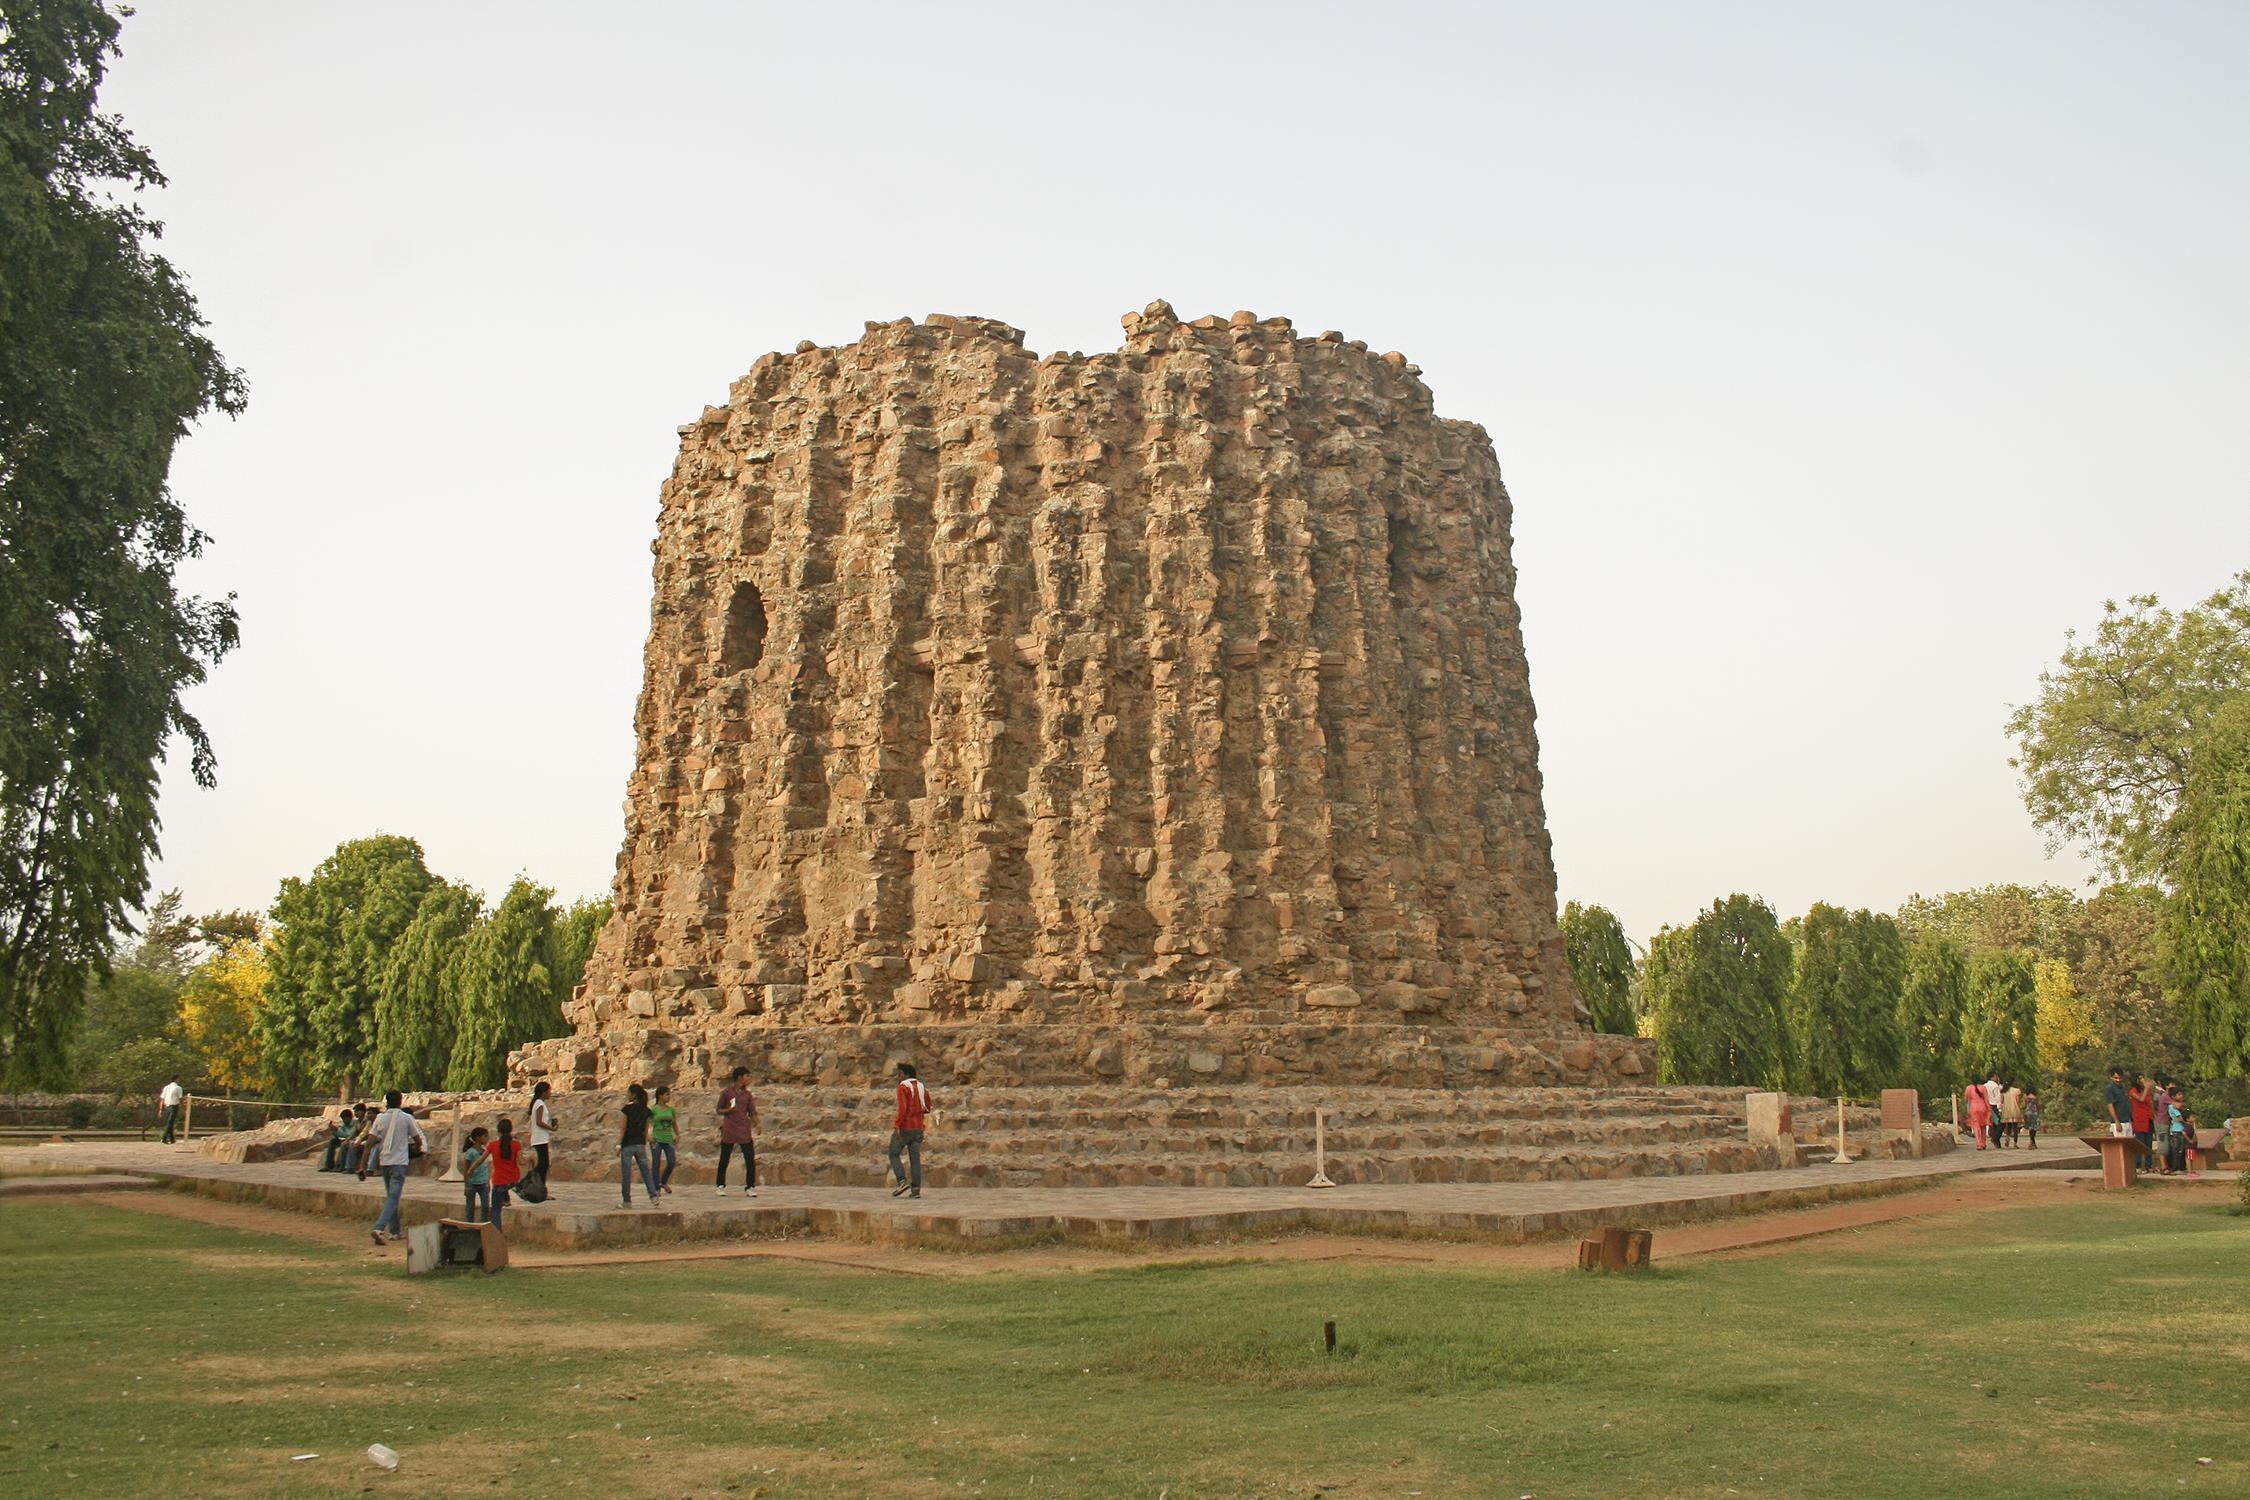 File:Alai minar, Qutb Complex.jpg - Wikimedia Commons